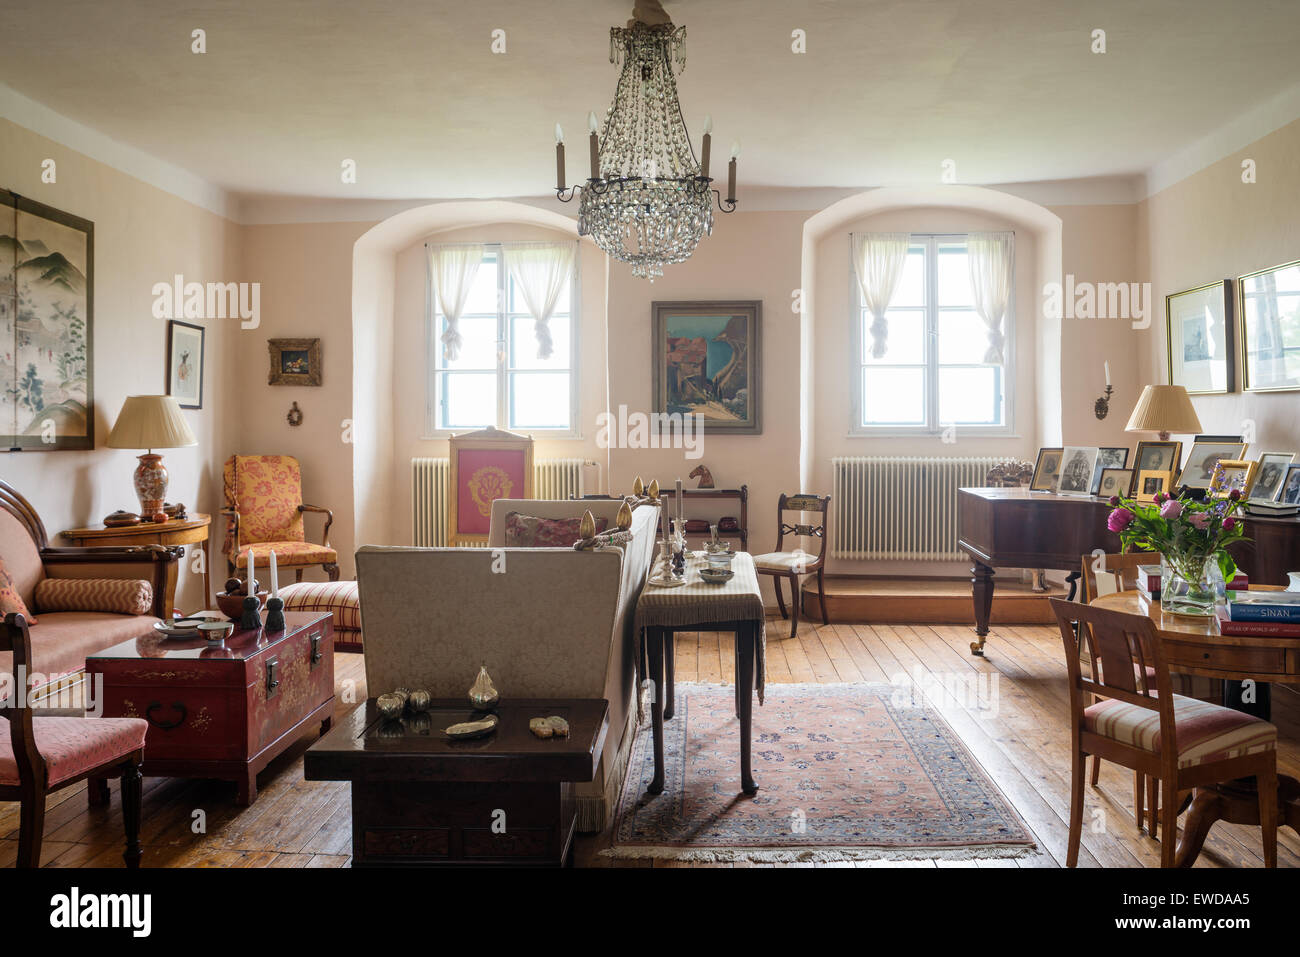 Knole divano e tappeto pakistano in soggiorno con rosso cinese torace laccato e pianoforte Immagini Stock